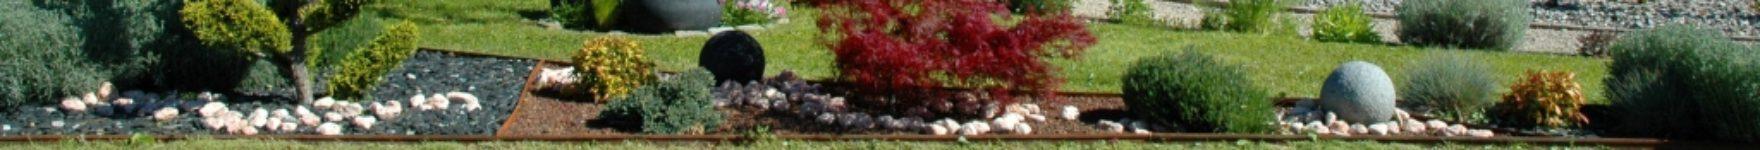 Paysagiste à Annecy - Conception, entretien et aménagement de jardins décoratifs et gustatifs